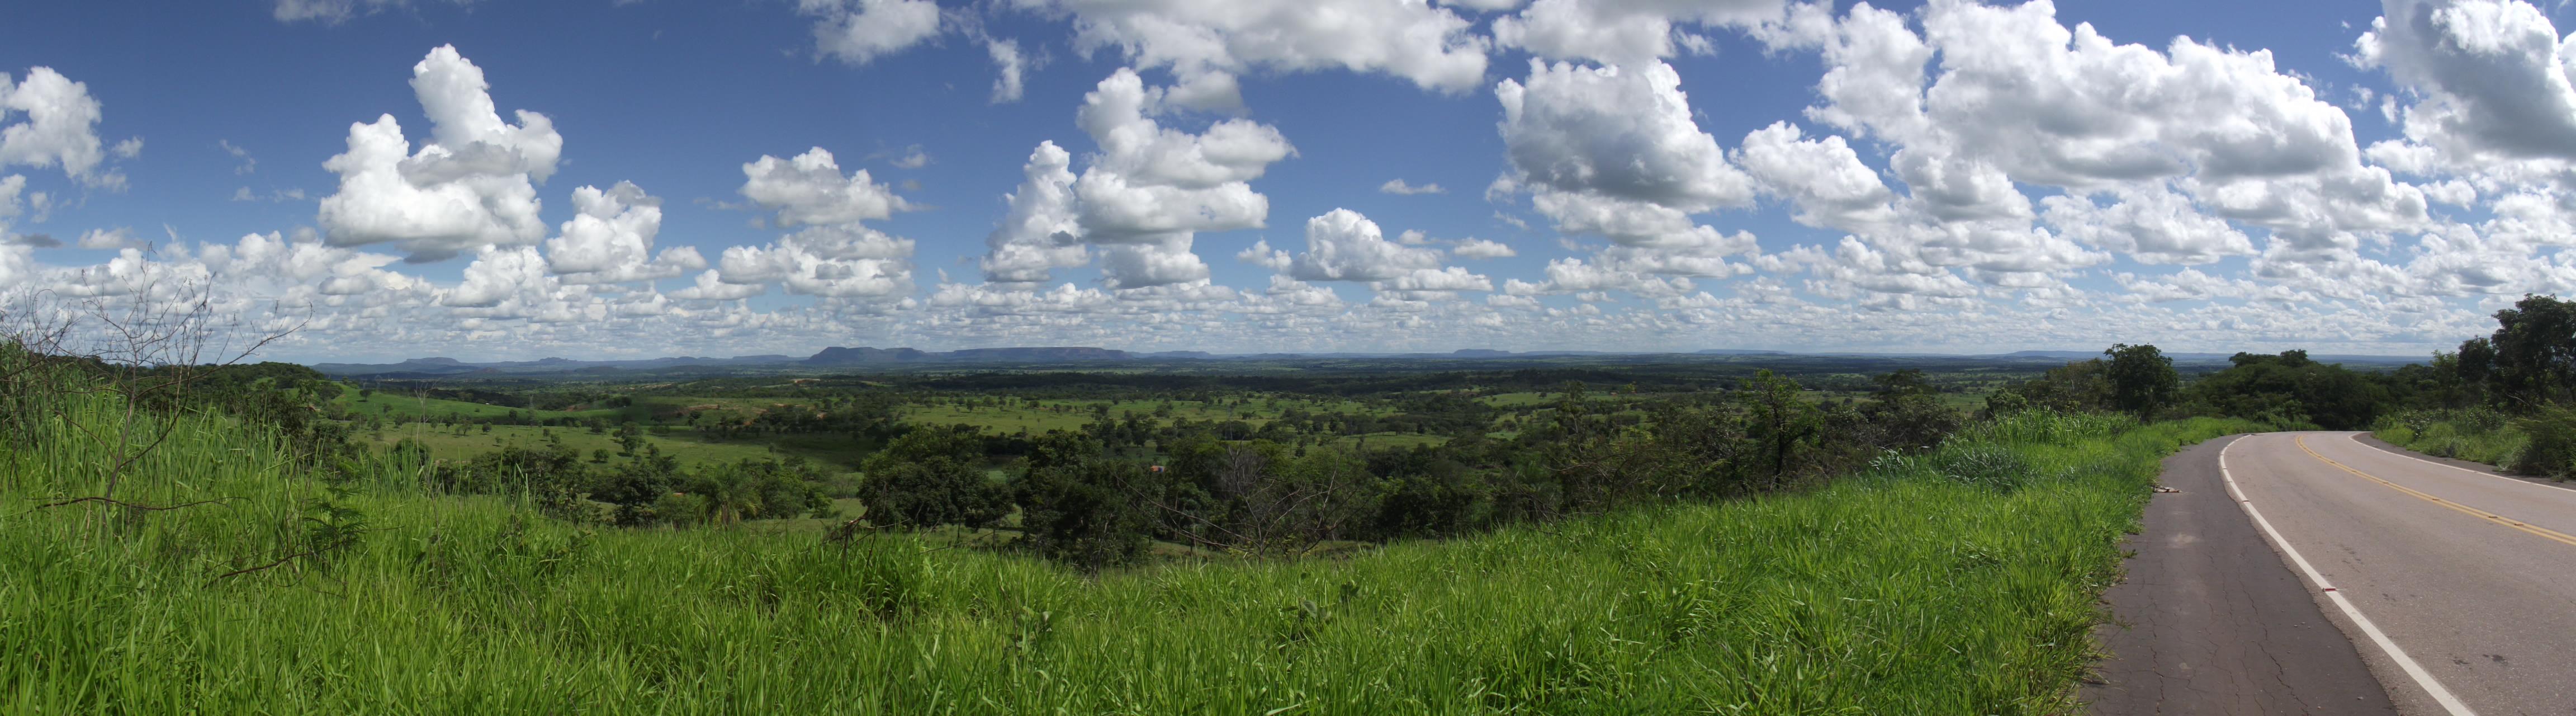 São José do Povo Mato Grosso fonte: upload.wikimedia.org